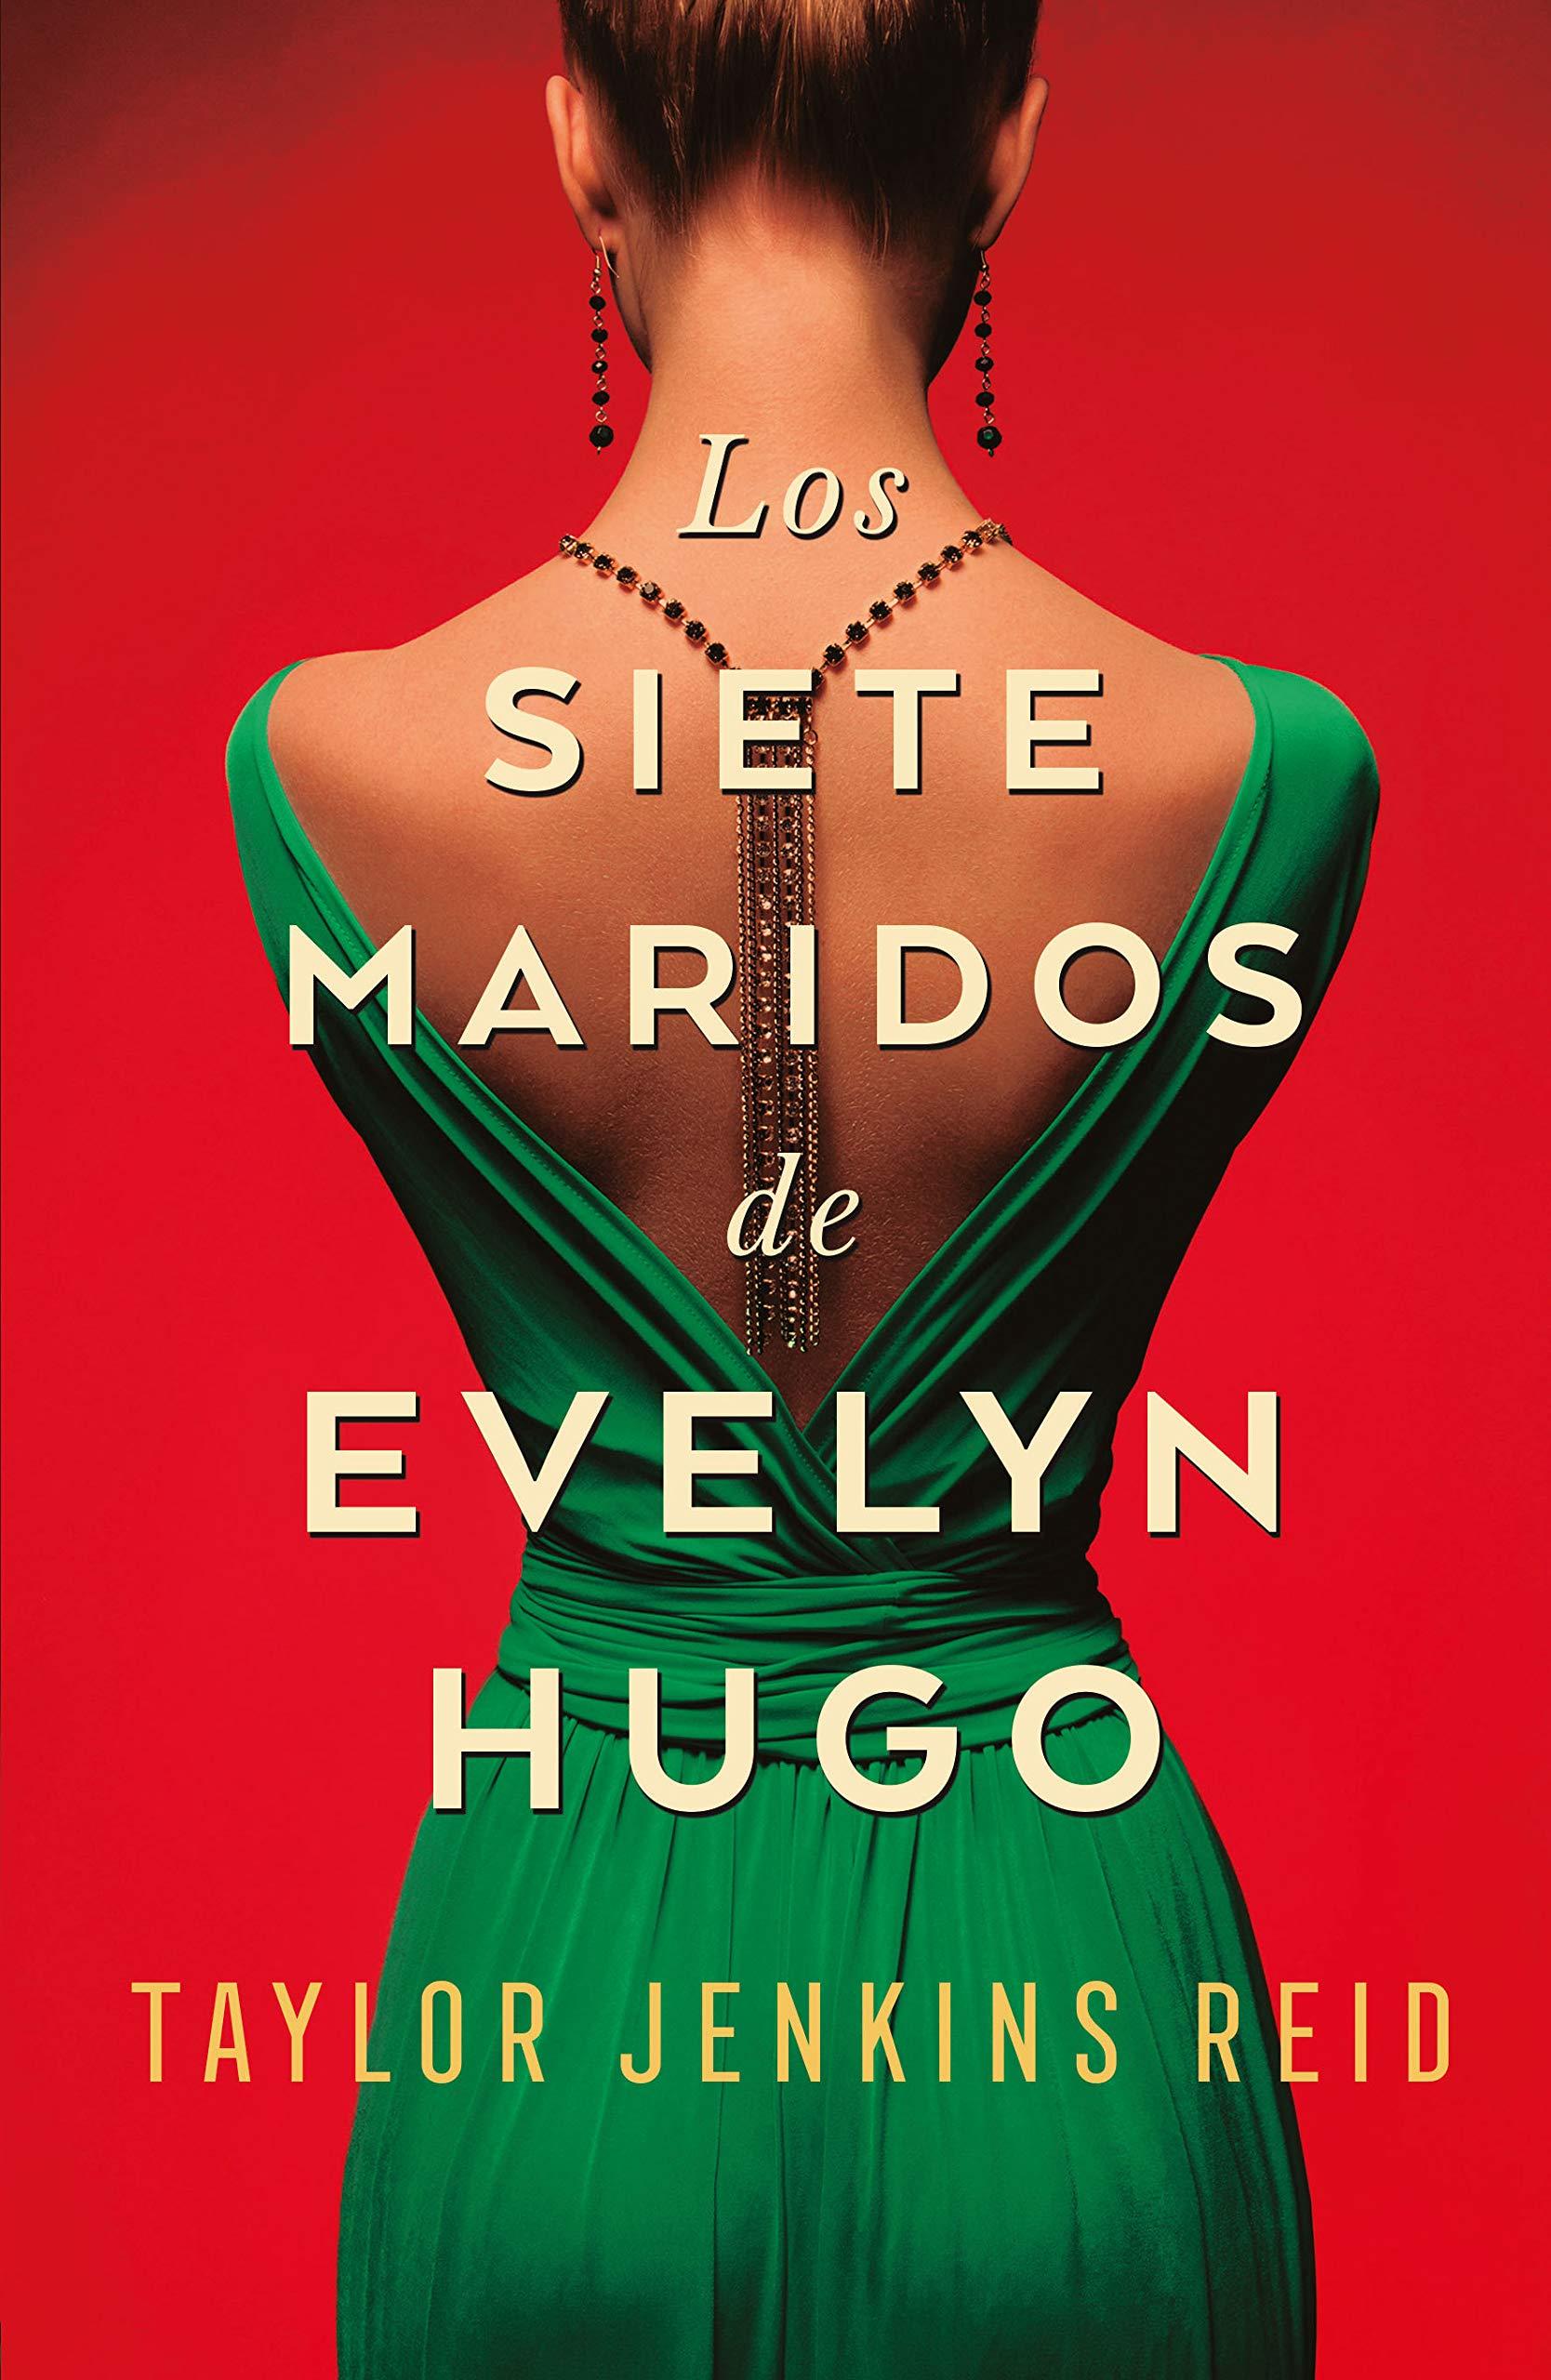 Los siete maridos de Evelyn Hugo Book Cover